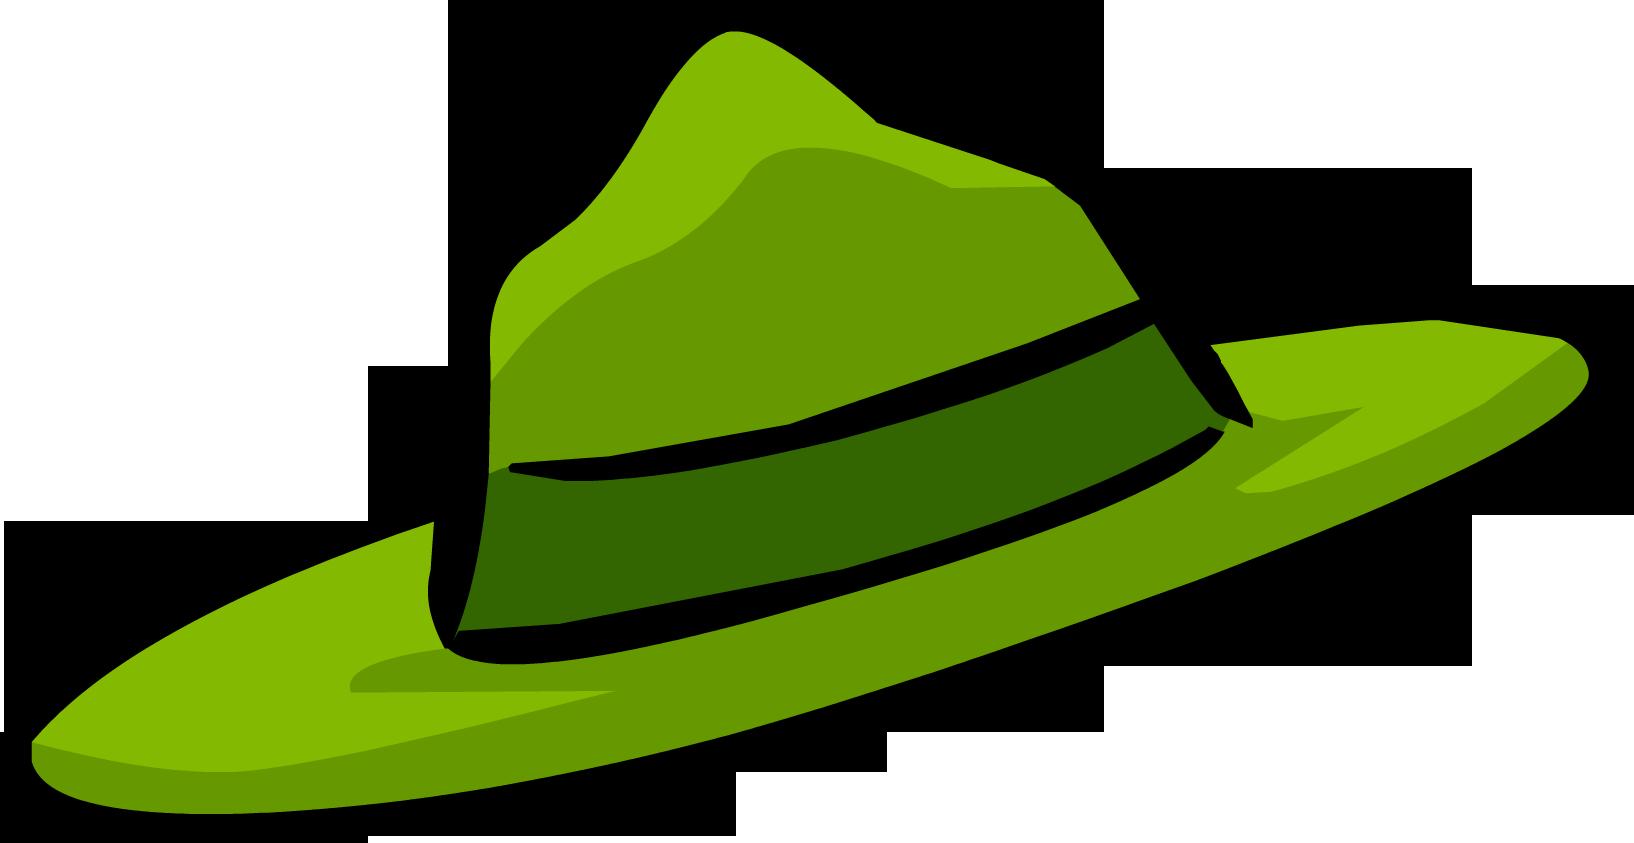 Image hat png club. Hats clipart park ranger